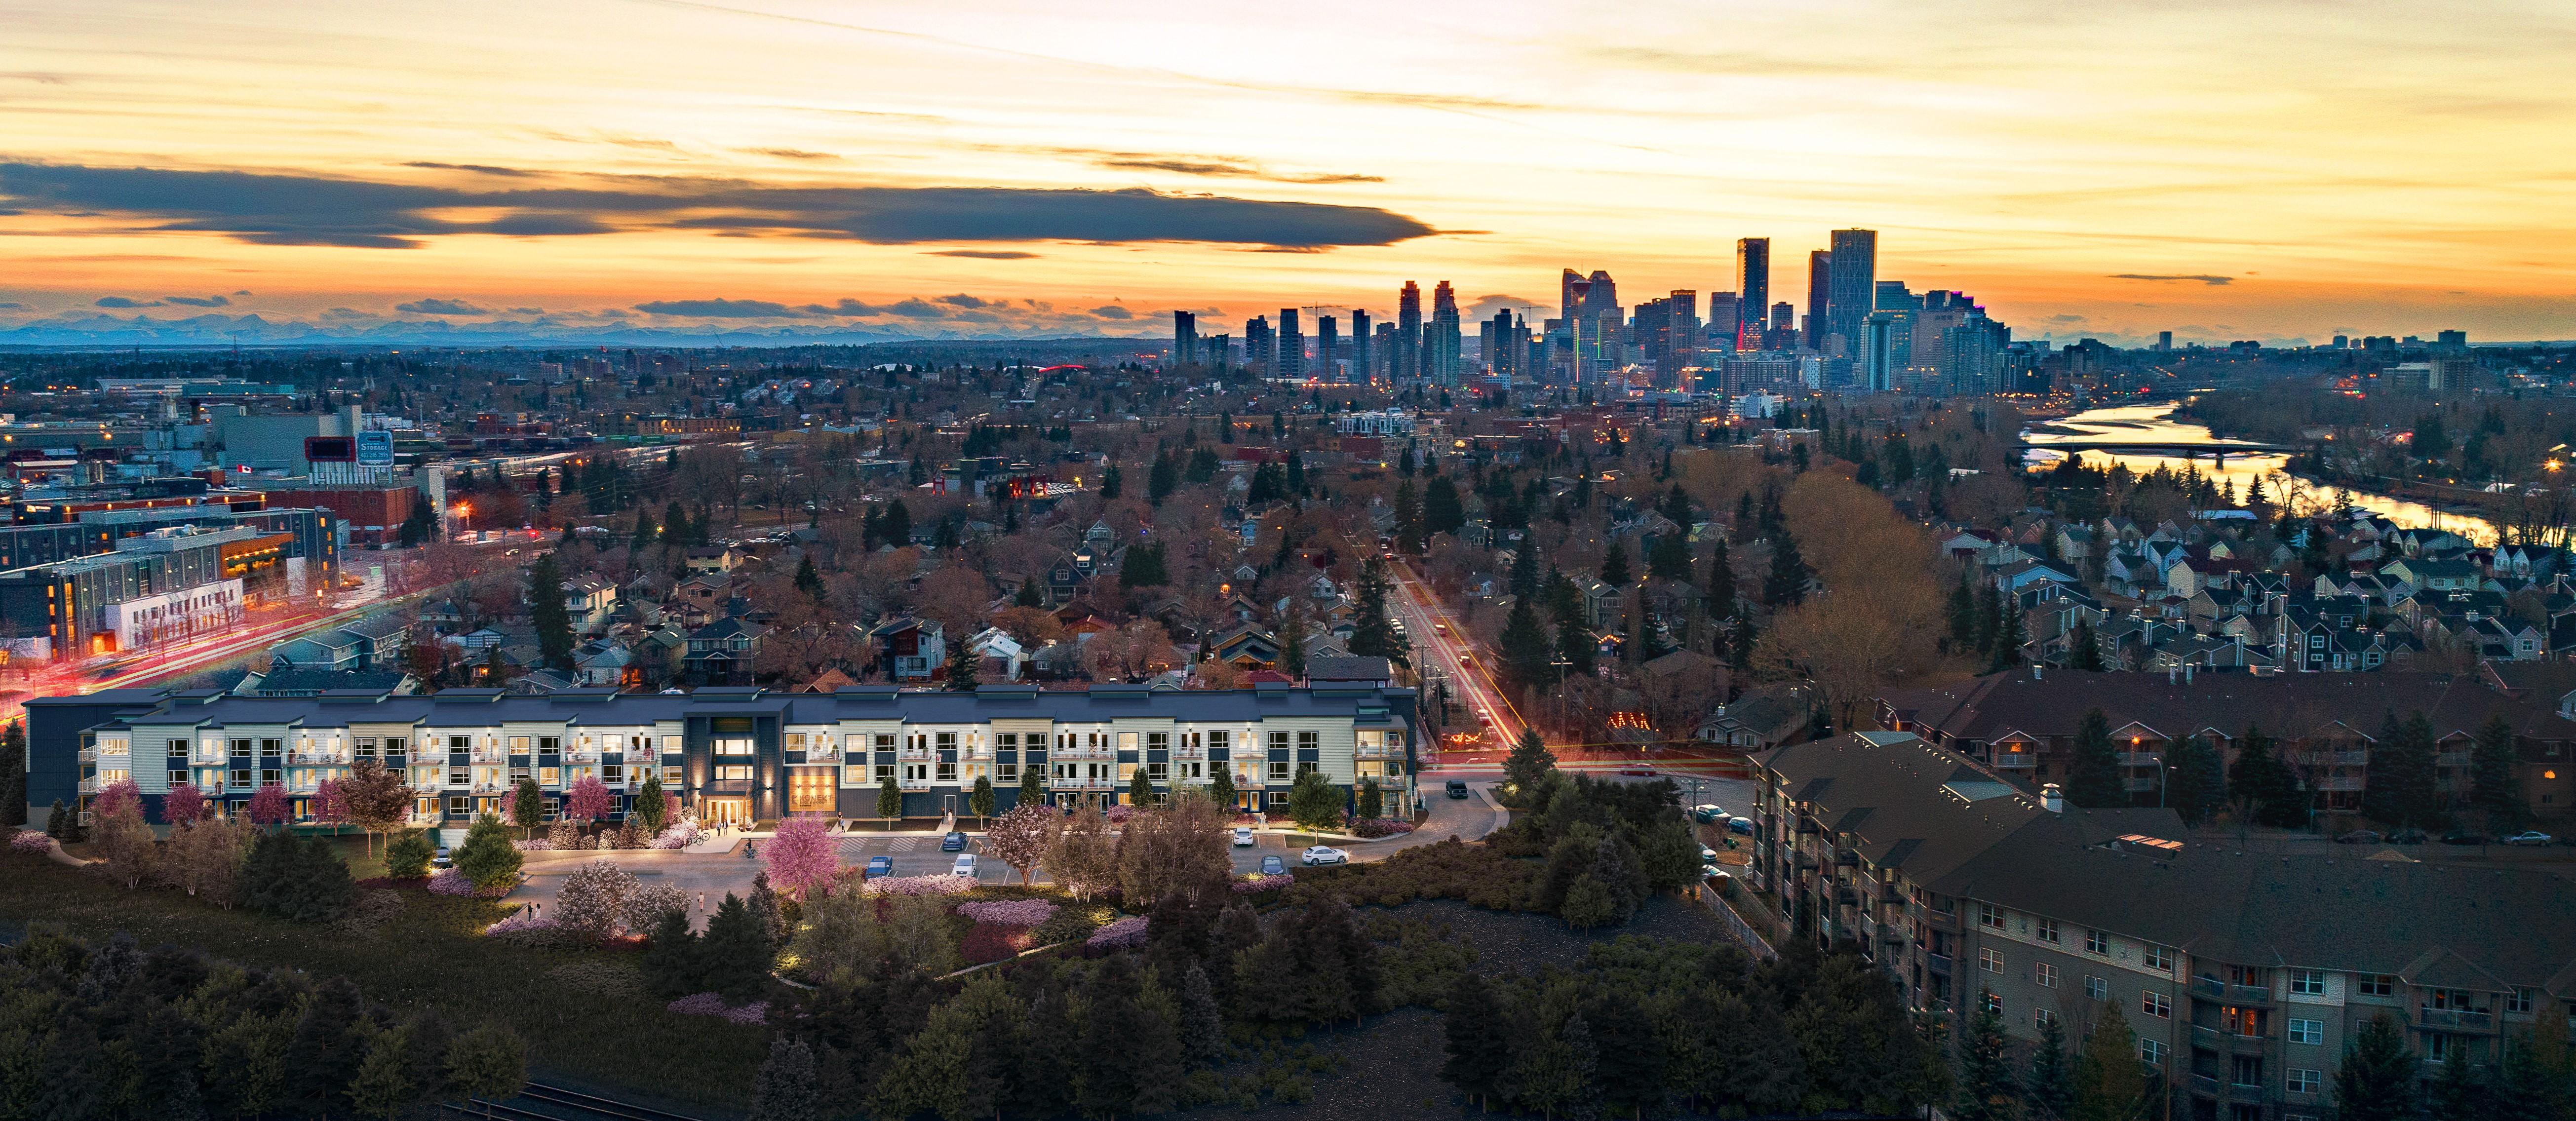 Bird's eye view of Inglewood Calgary